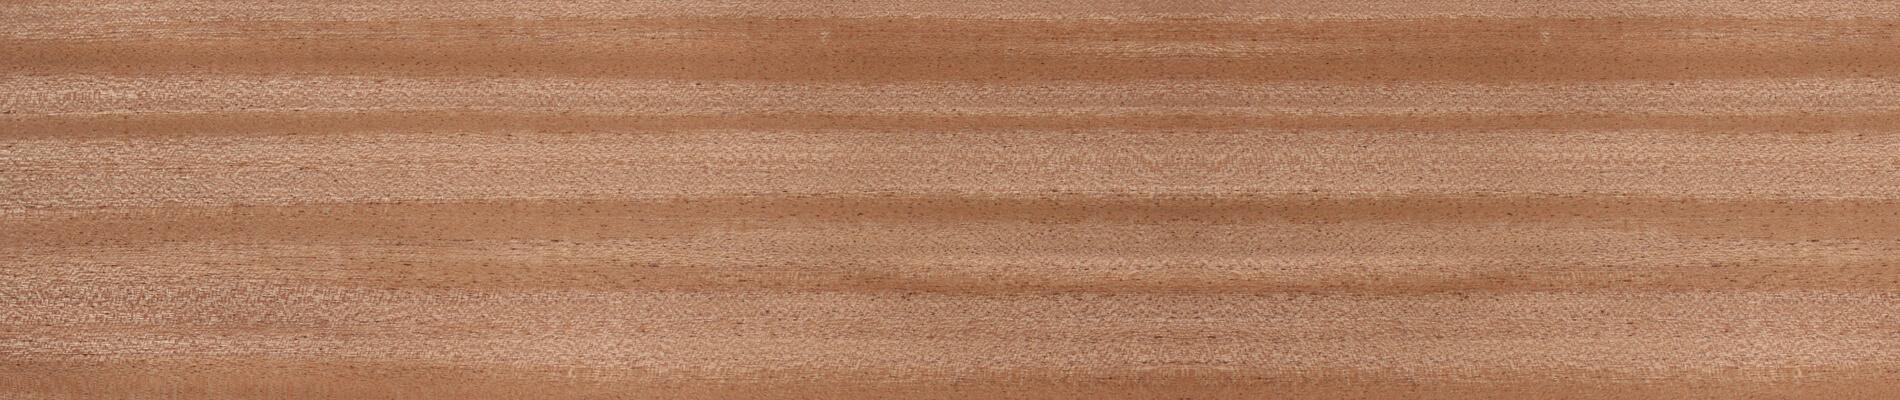 Essence de bois sapelli bois exotiques essarbois for Essences de bois exotiques